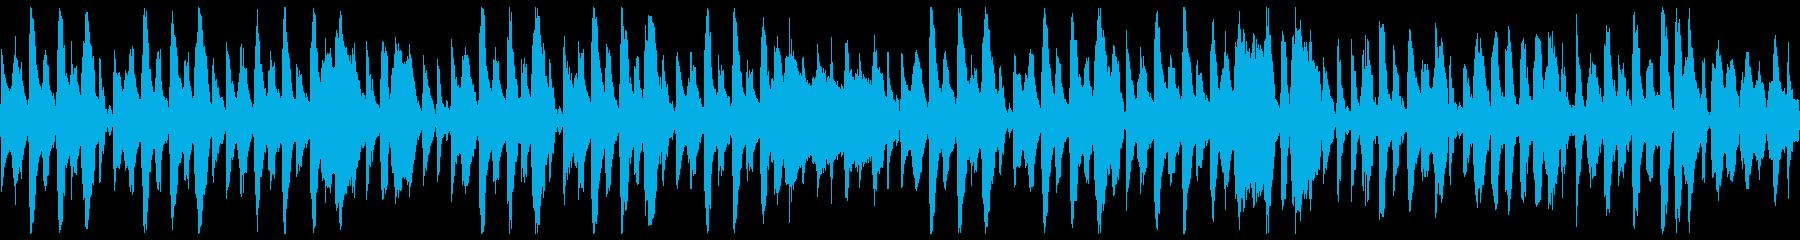 バイオリンがお洒落ジプシージャズ(ループの再生済みの波形